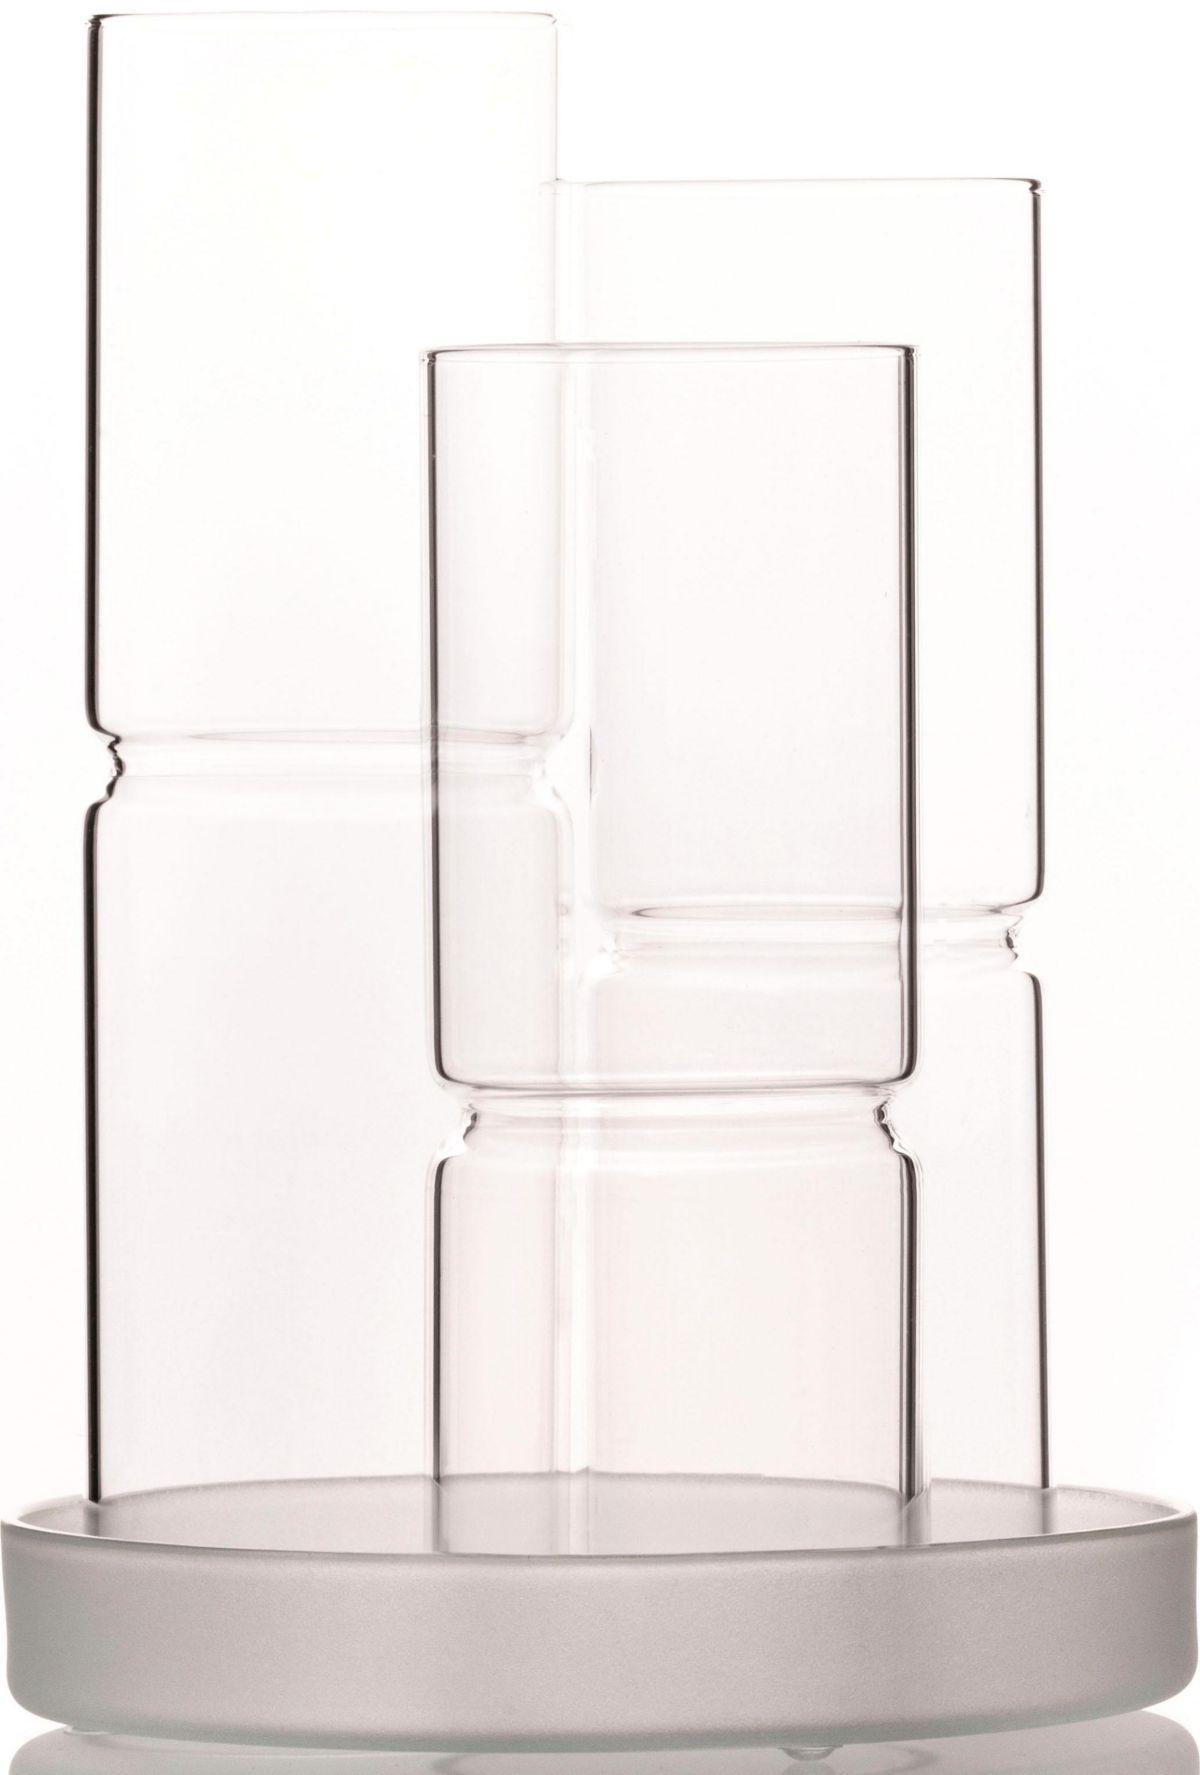 VitaJuwel Halter - 3 fach, Glas, für VitaJuwel ...